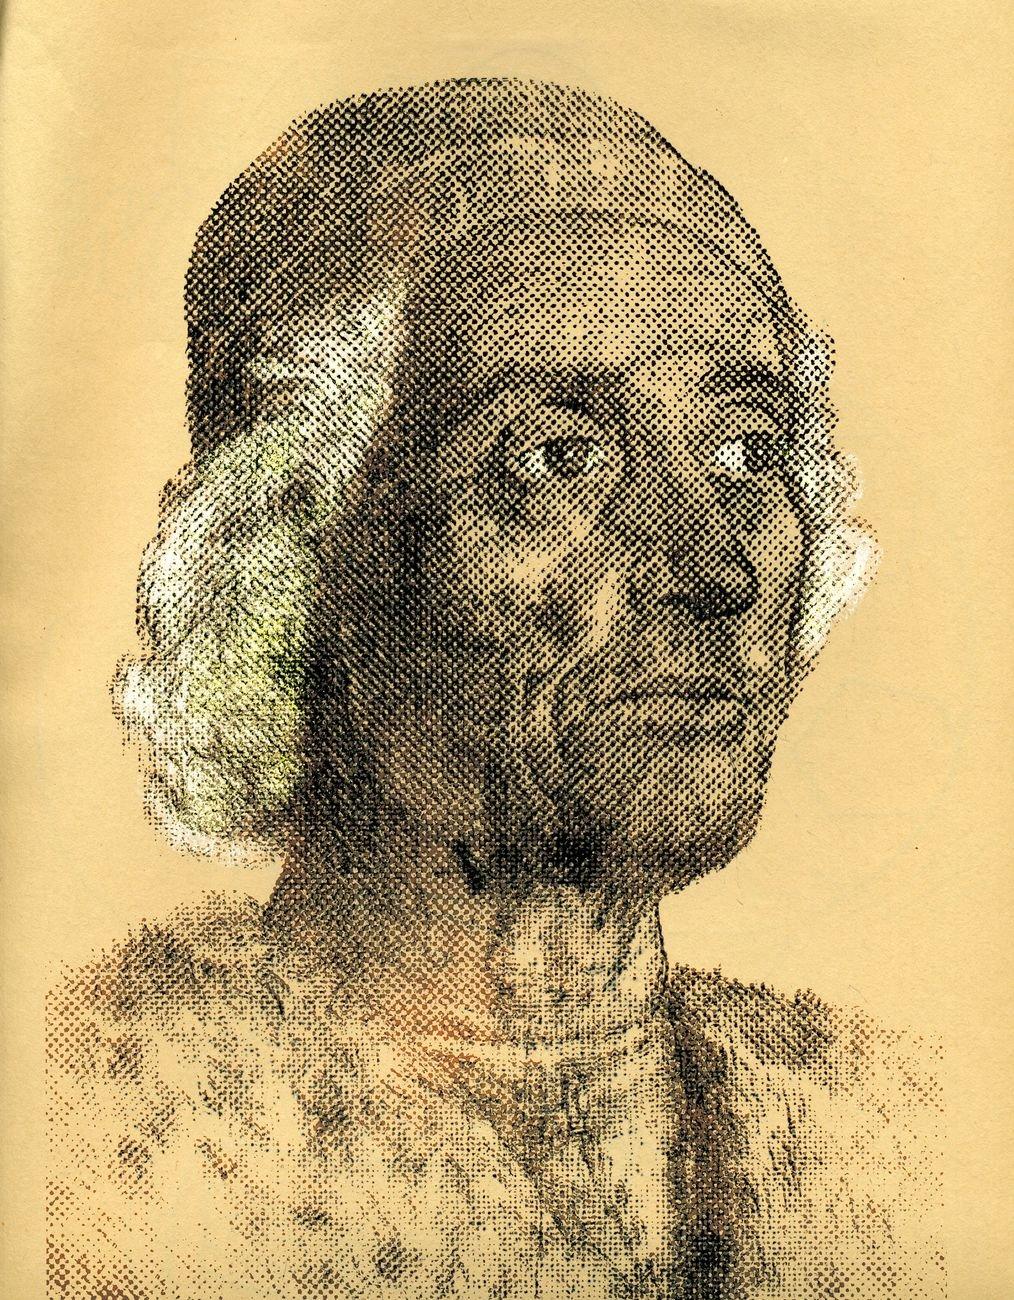 Andrea Mantegna secondo Maurizio Ceccato © Artribune Magazine Grandi Mostre, 2020